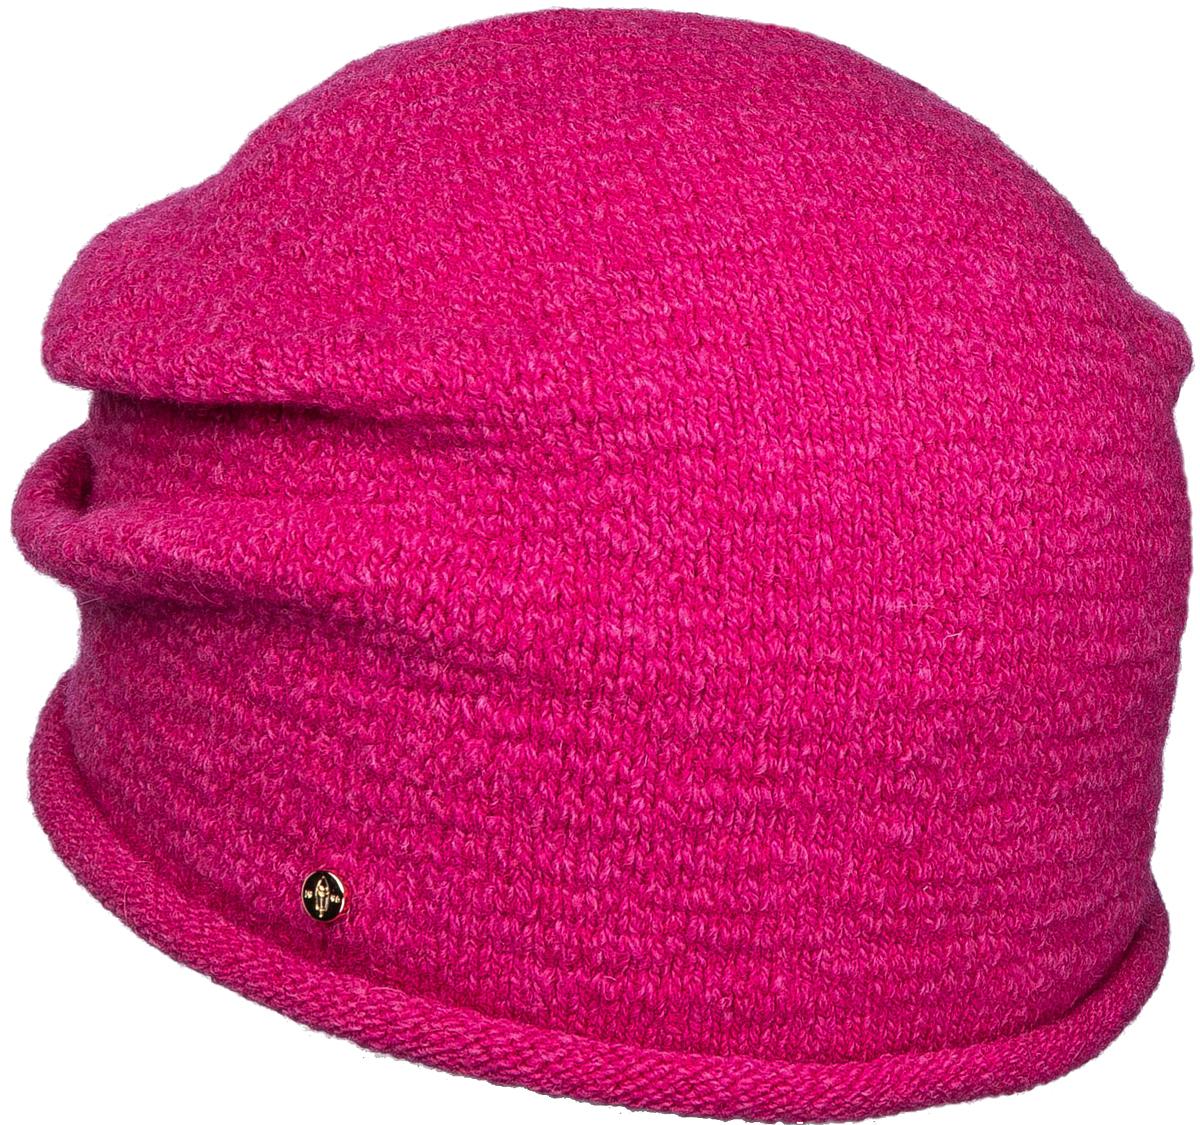 Шапка женская Canoe Skys, цвет: фуксия. 3447498. Размер 56/583447498Удлинённая шапочка с элегантным валиком. Связана из 100% итальянской шерсти с добавлением эластана, что делает изделие ветронепроницаемым, теплым, комфортным и обеспечивает хорошую посадку на голове.Уважаемые клиенты!Размер, доступный для заказа, является обхватом головы.